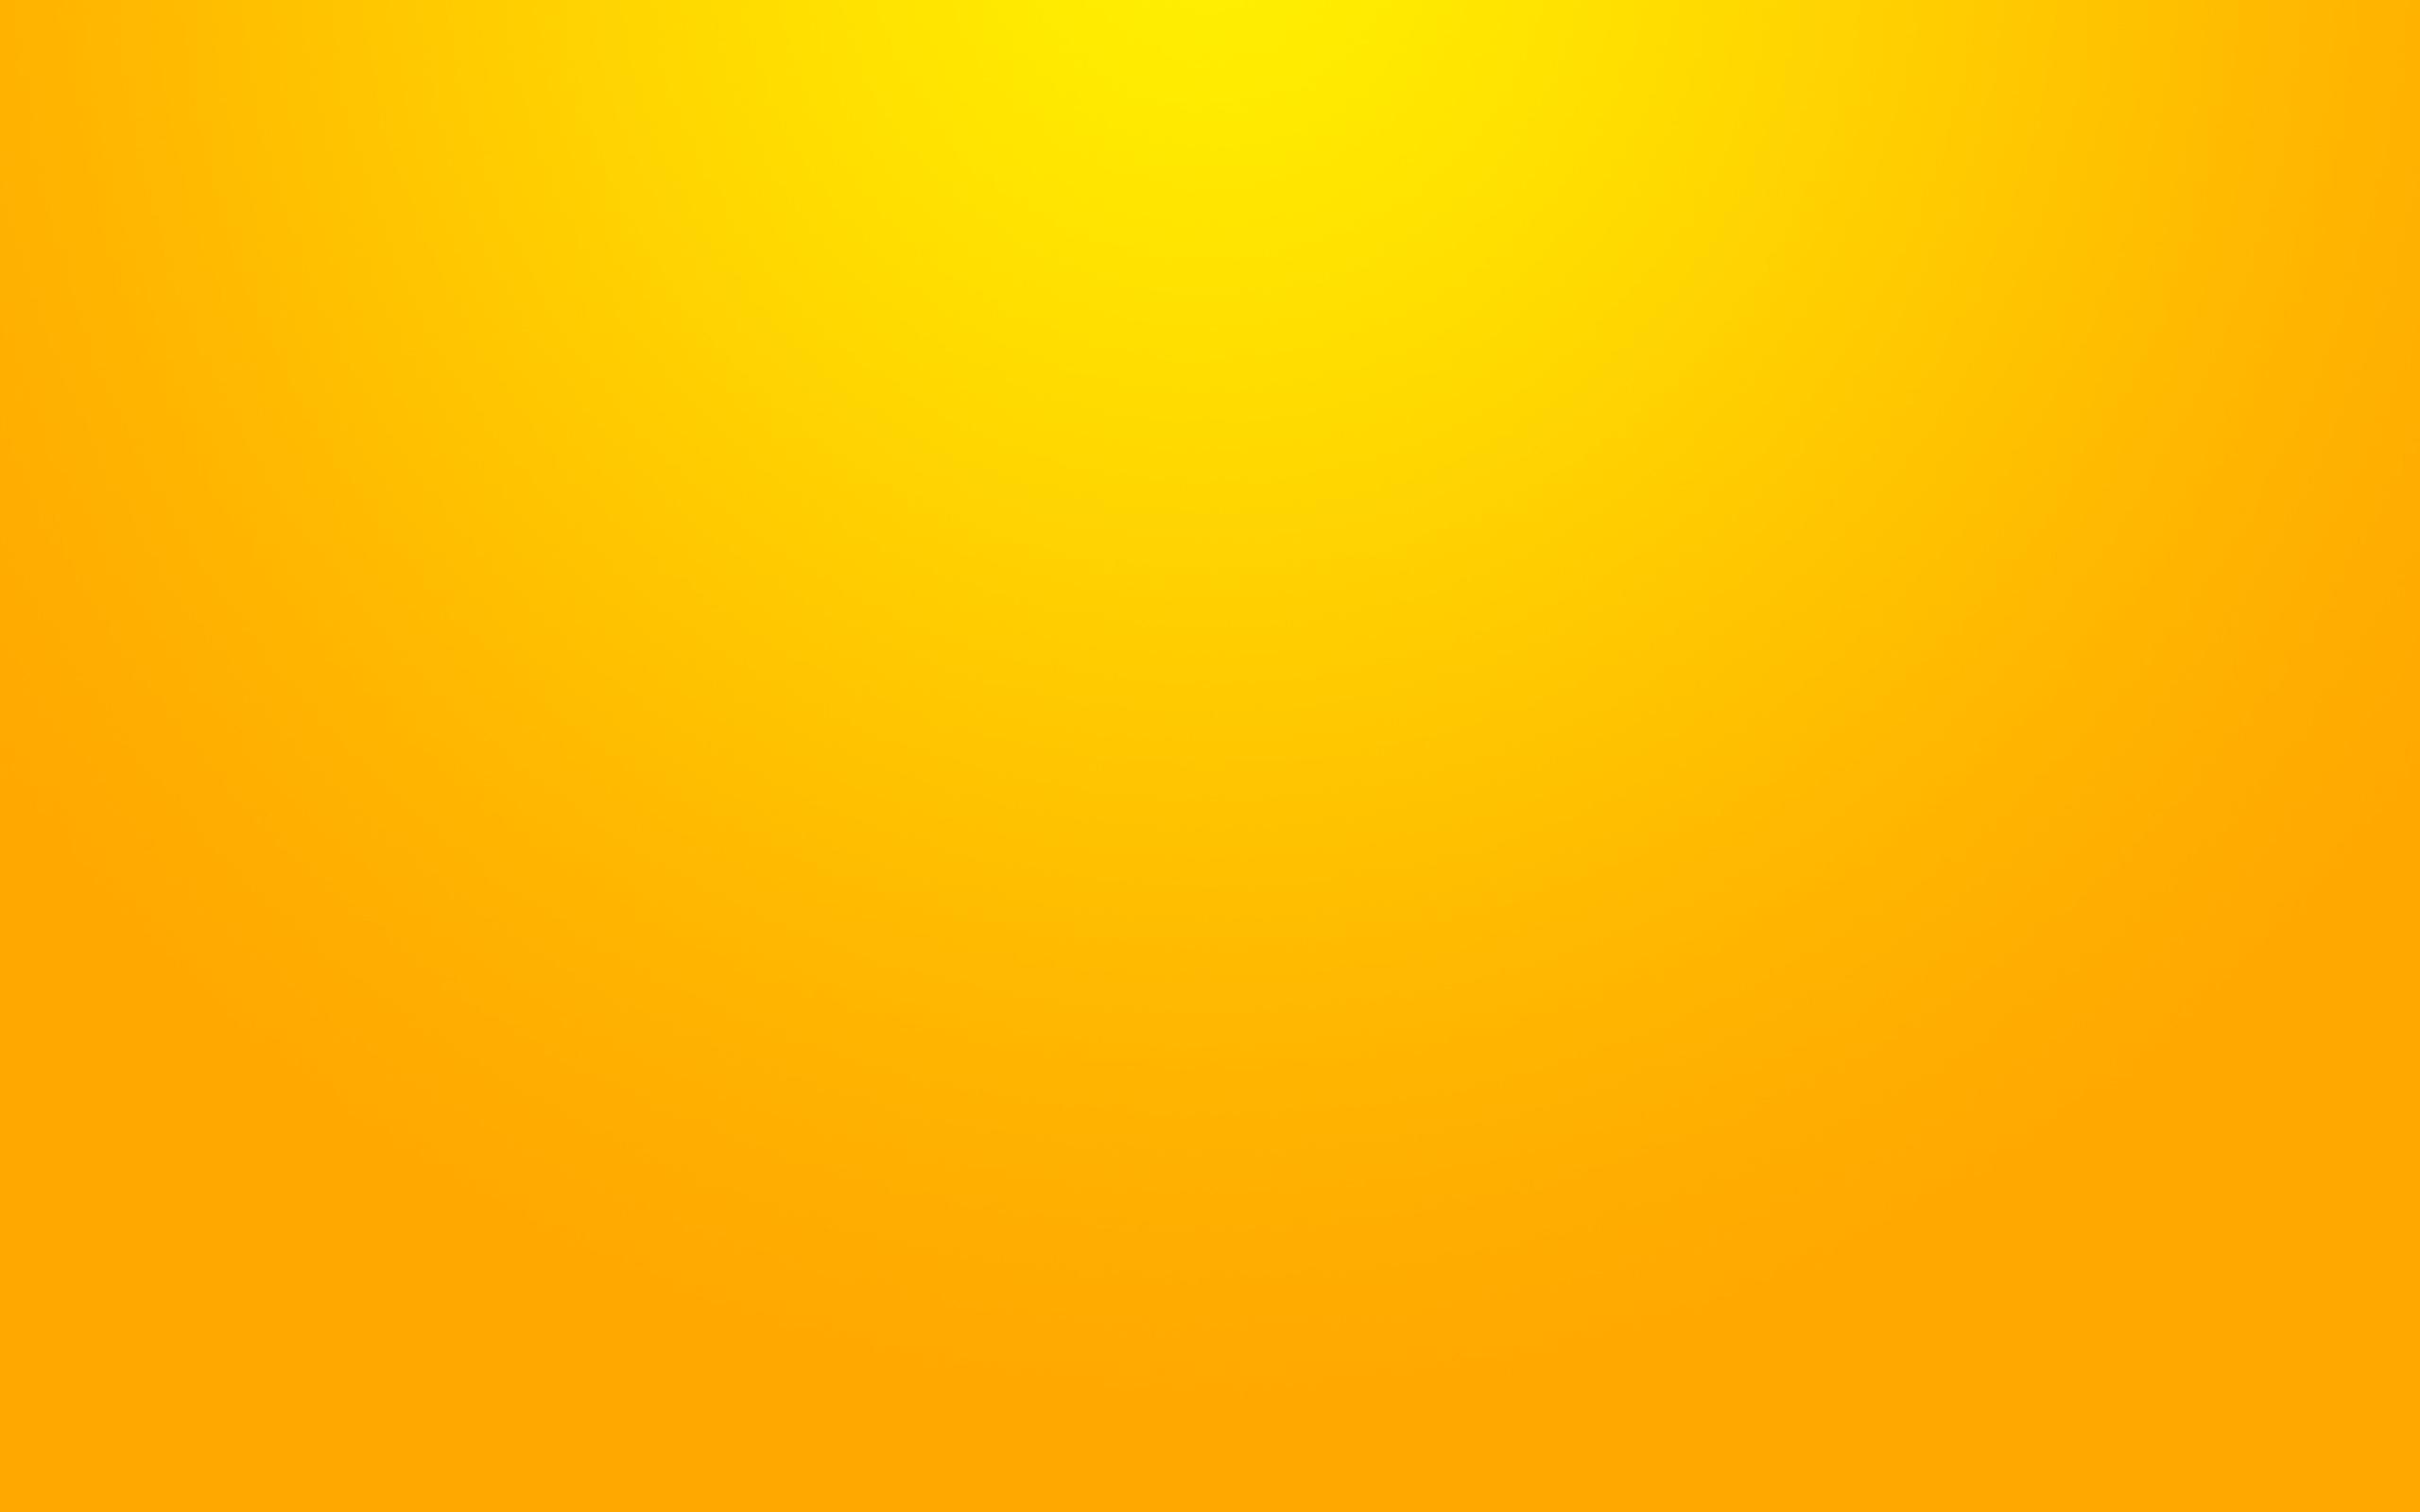 оранжево-желтый дуэт скачать